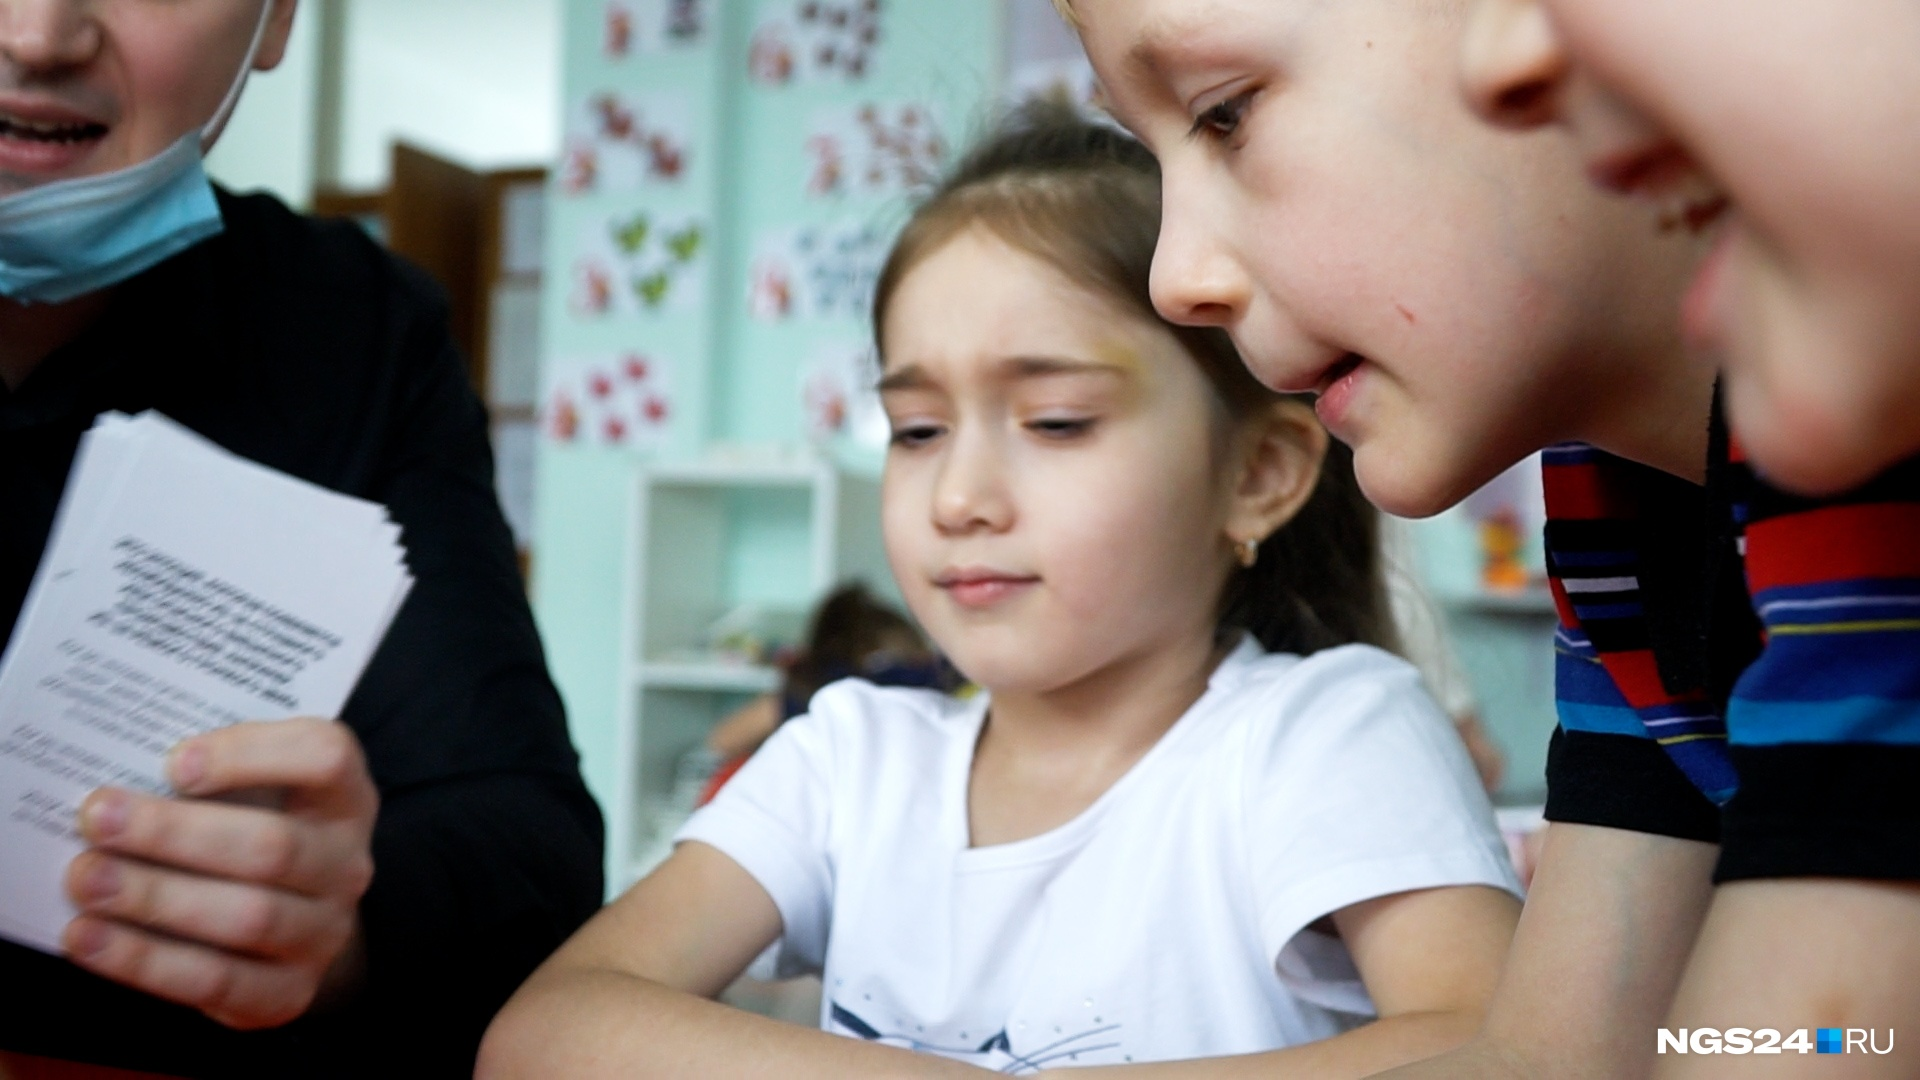 Дети с интересом идут на занятия по психологии